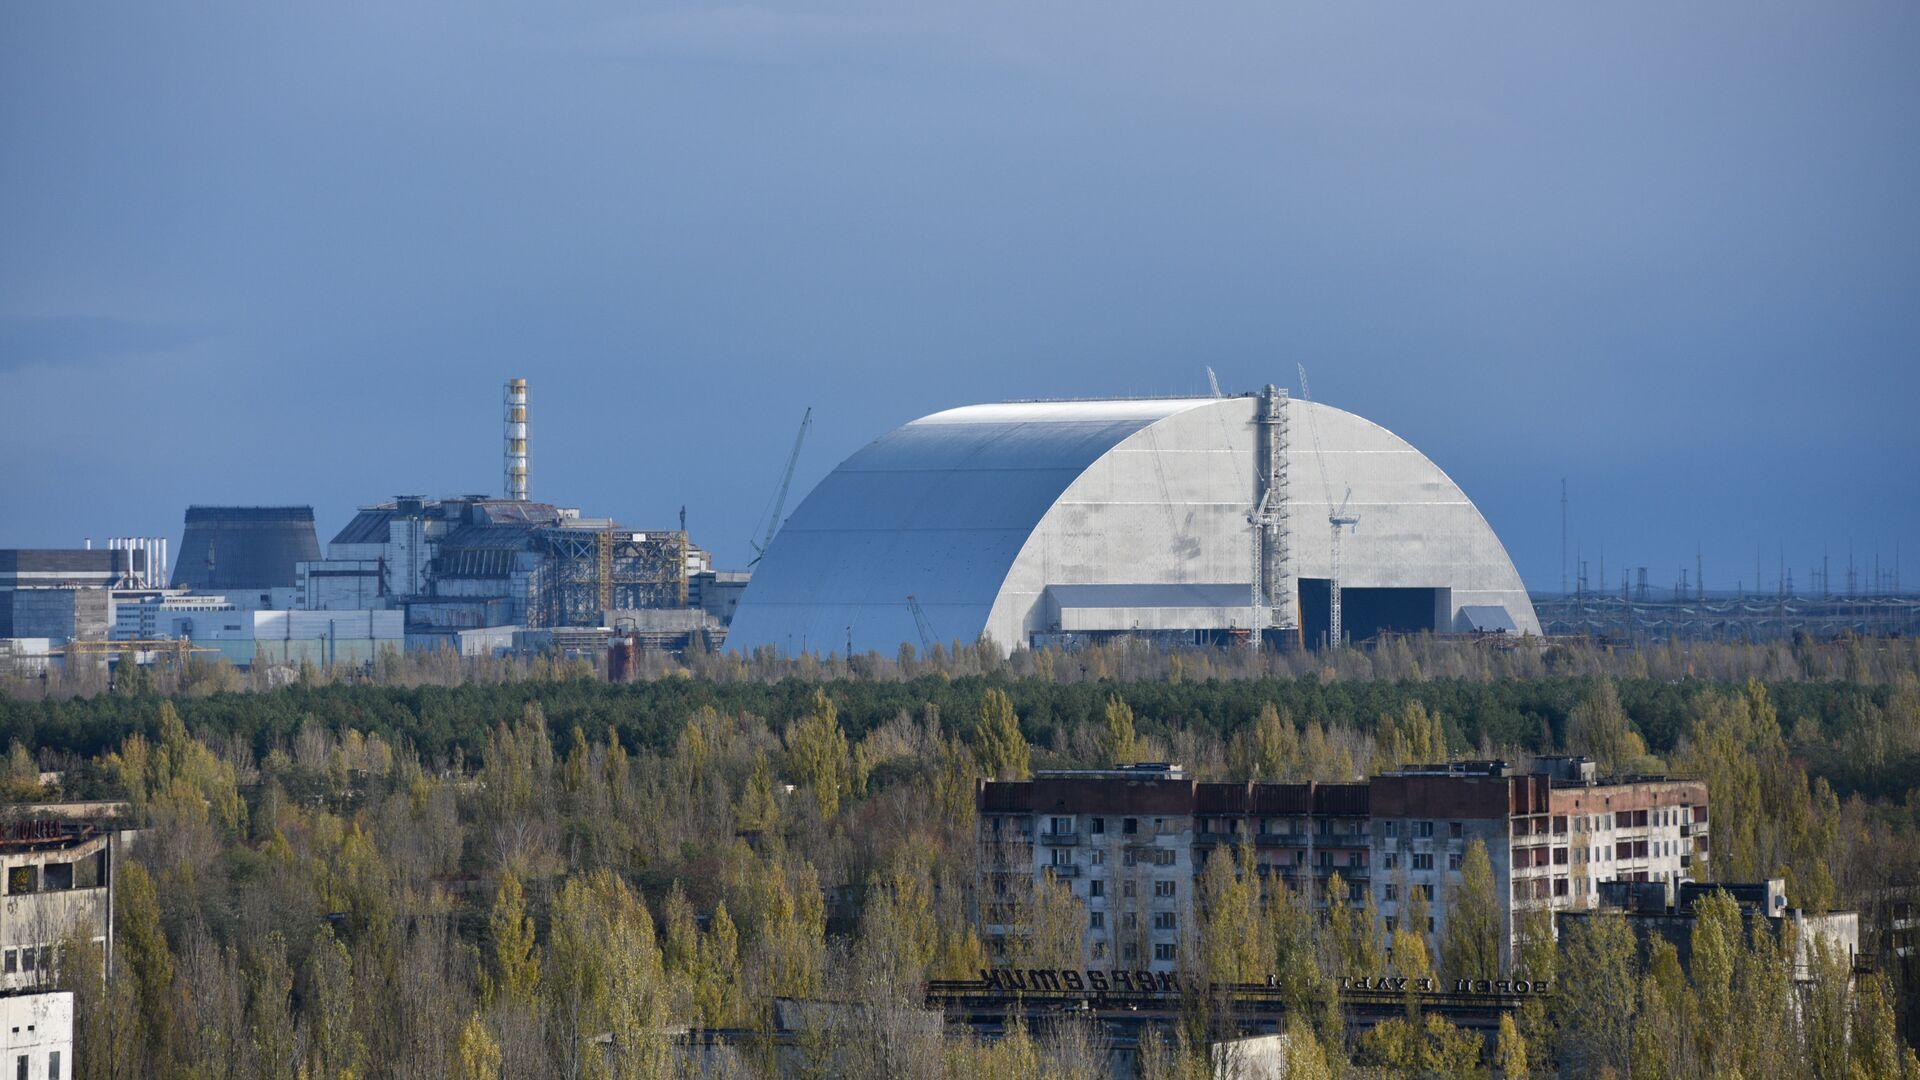 Чернобыльская атомная электростанция - РИА Новости, 1920, 12.05.2021